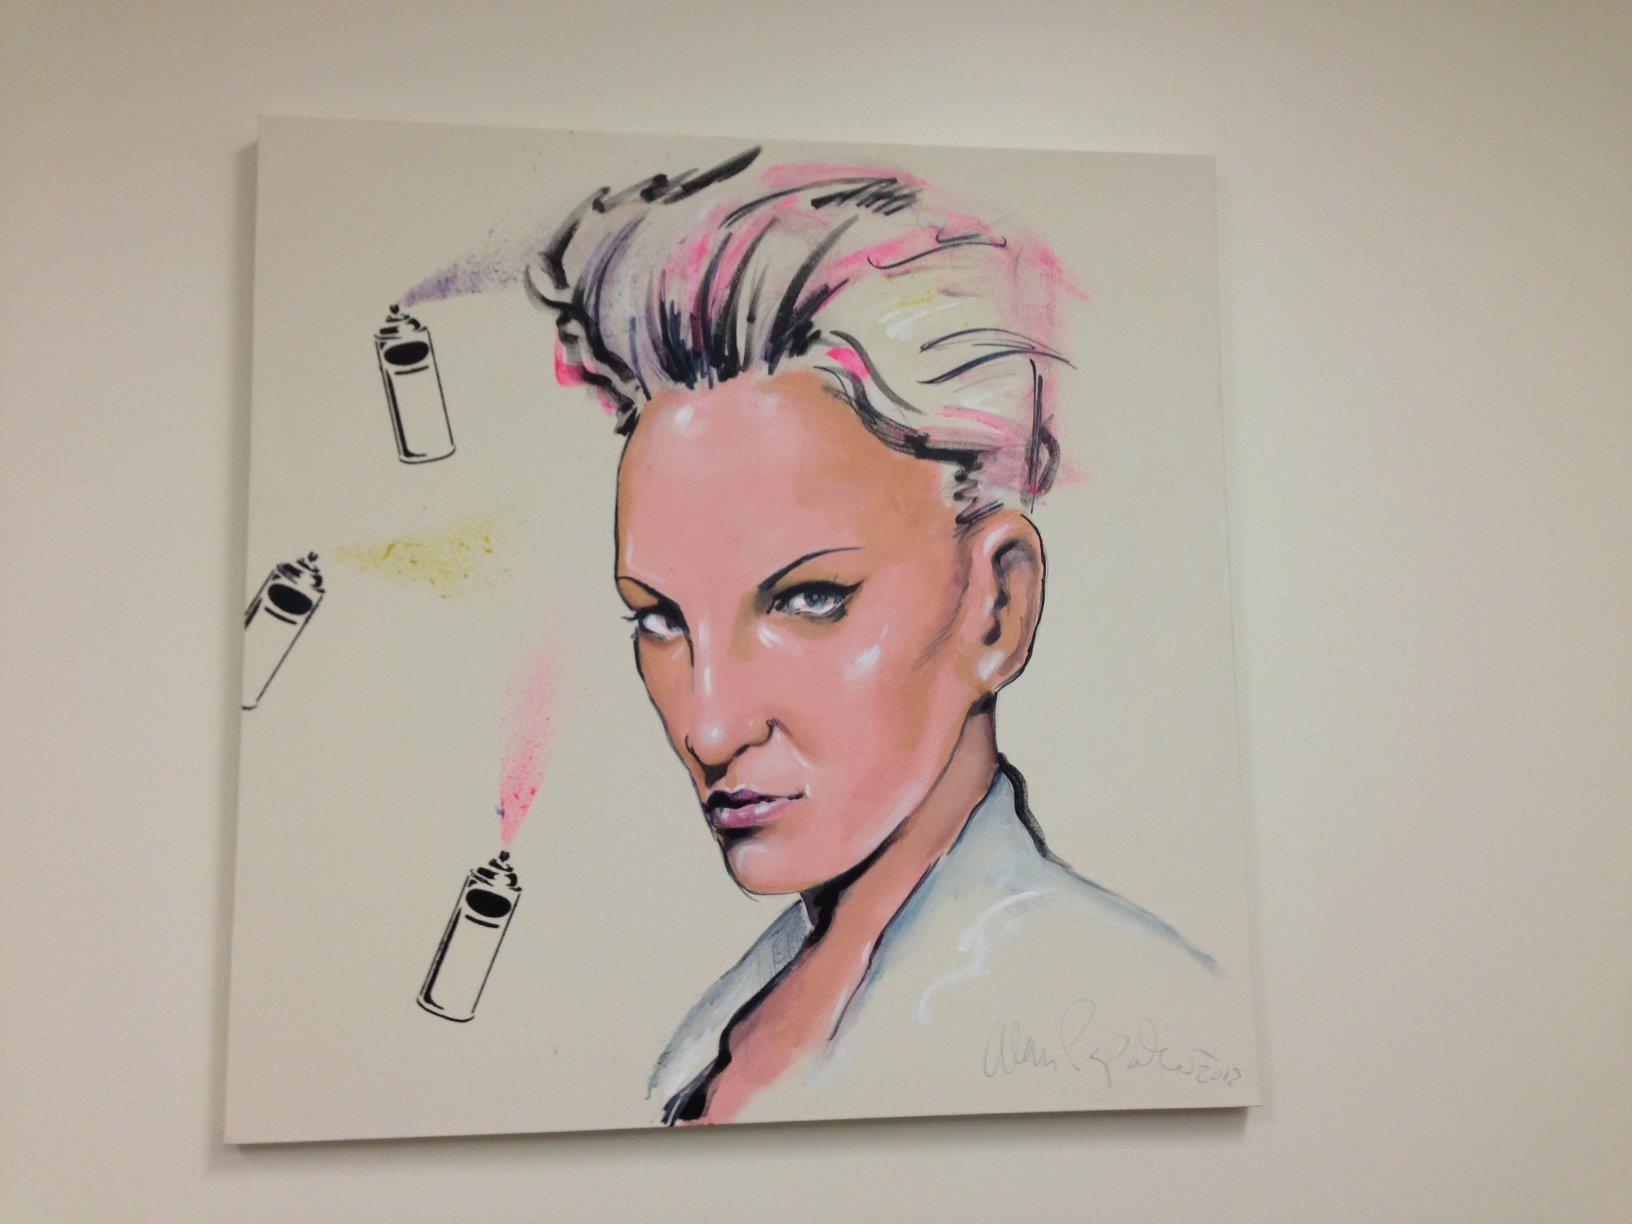 Pravana Vivids Haircolor Creates Art on Canvas and on Hair